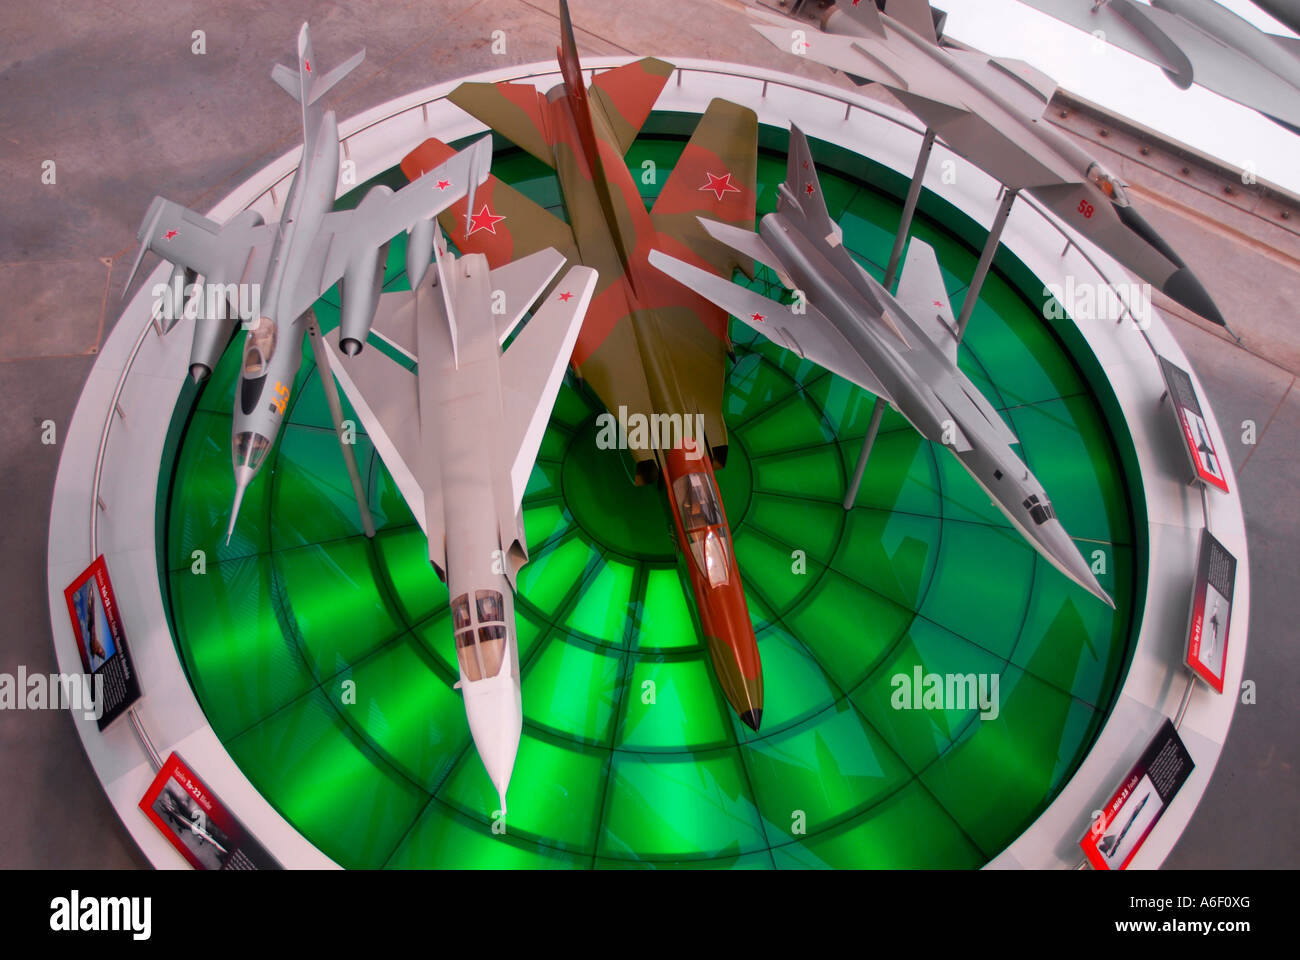 Les maquettes des avions russes construit par MOD scientifiques pour les mesures radar expérimental sur l'affichage Photo Stock